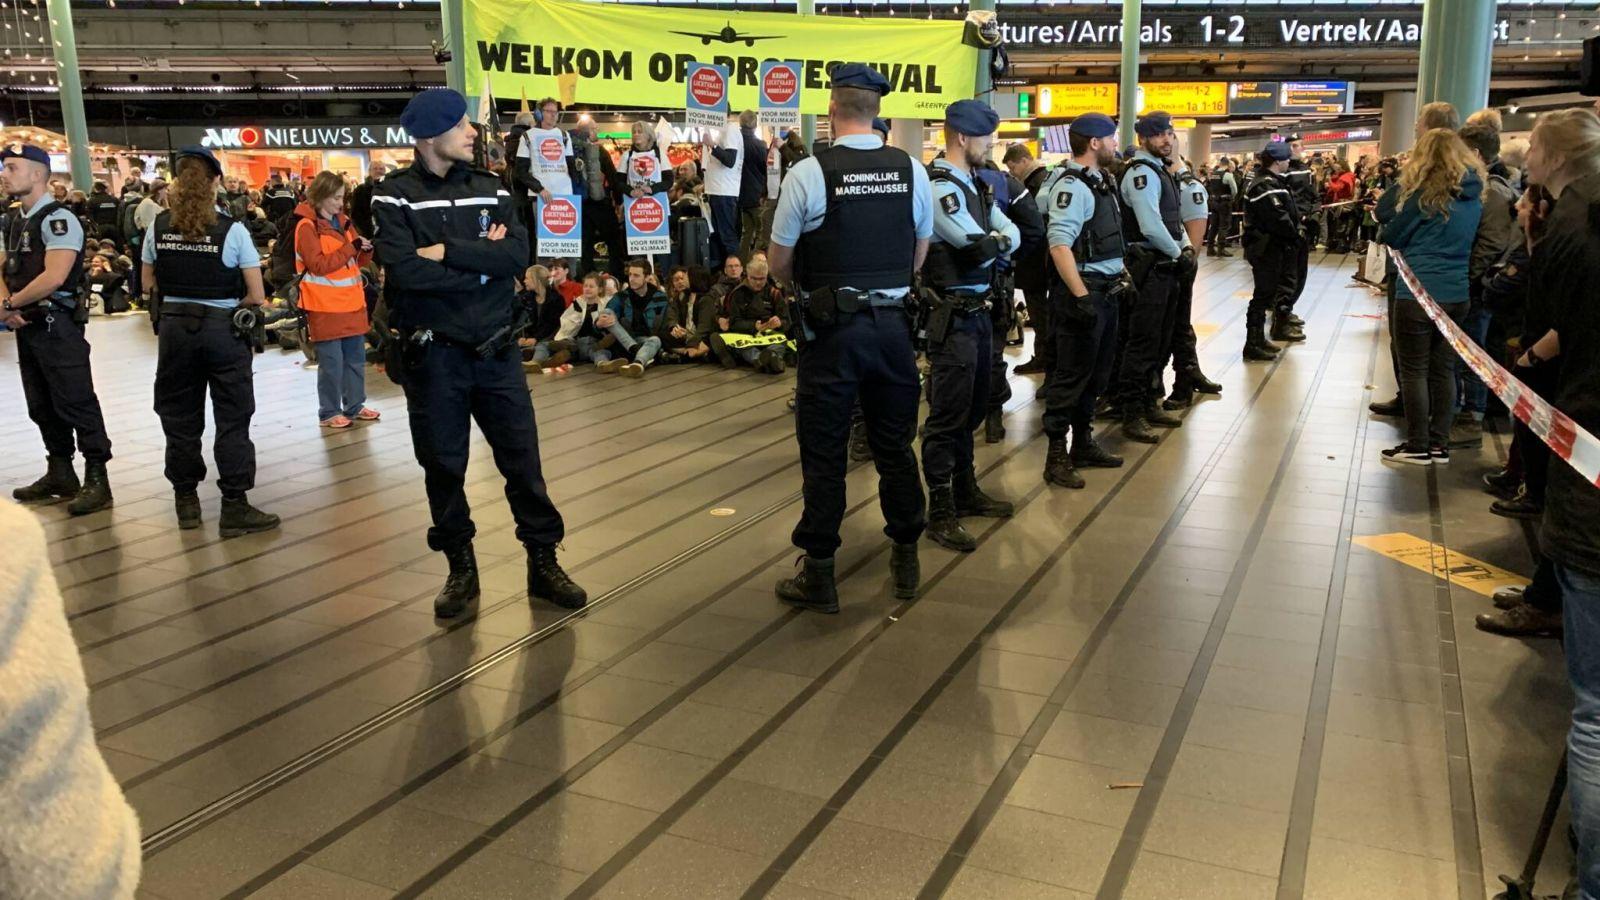 Приковали себя цепями. В аэропорту Амстердама задержали 25 экоактивистов